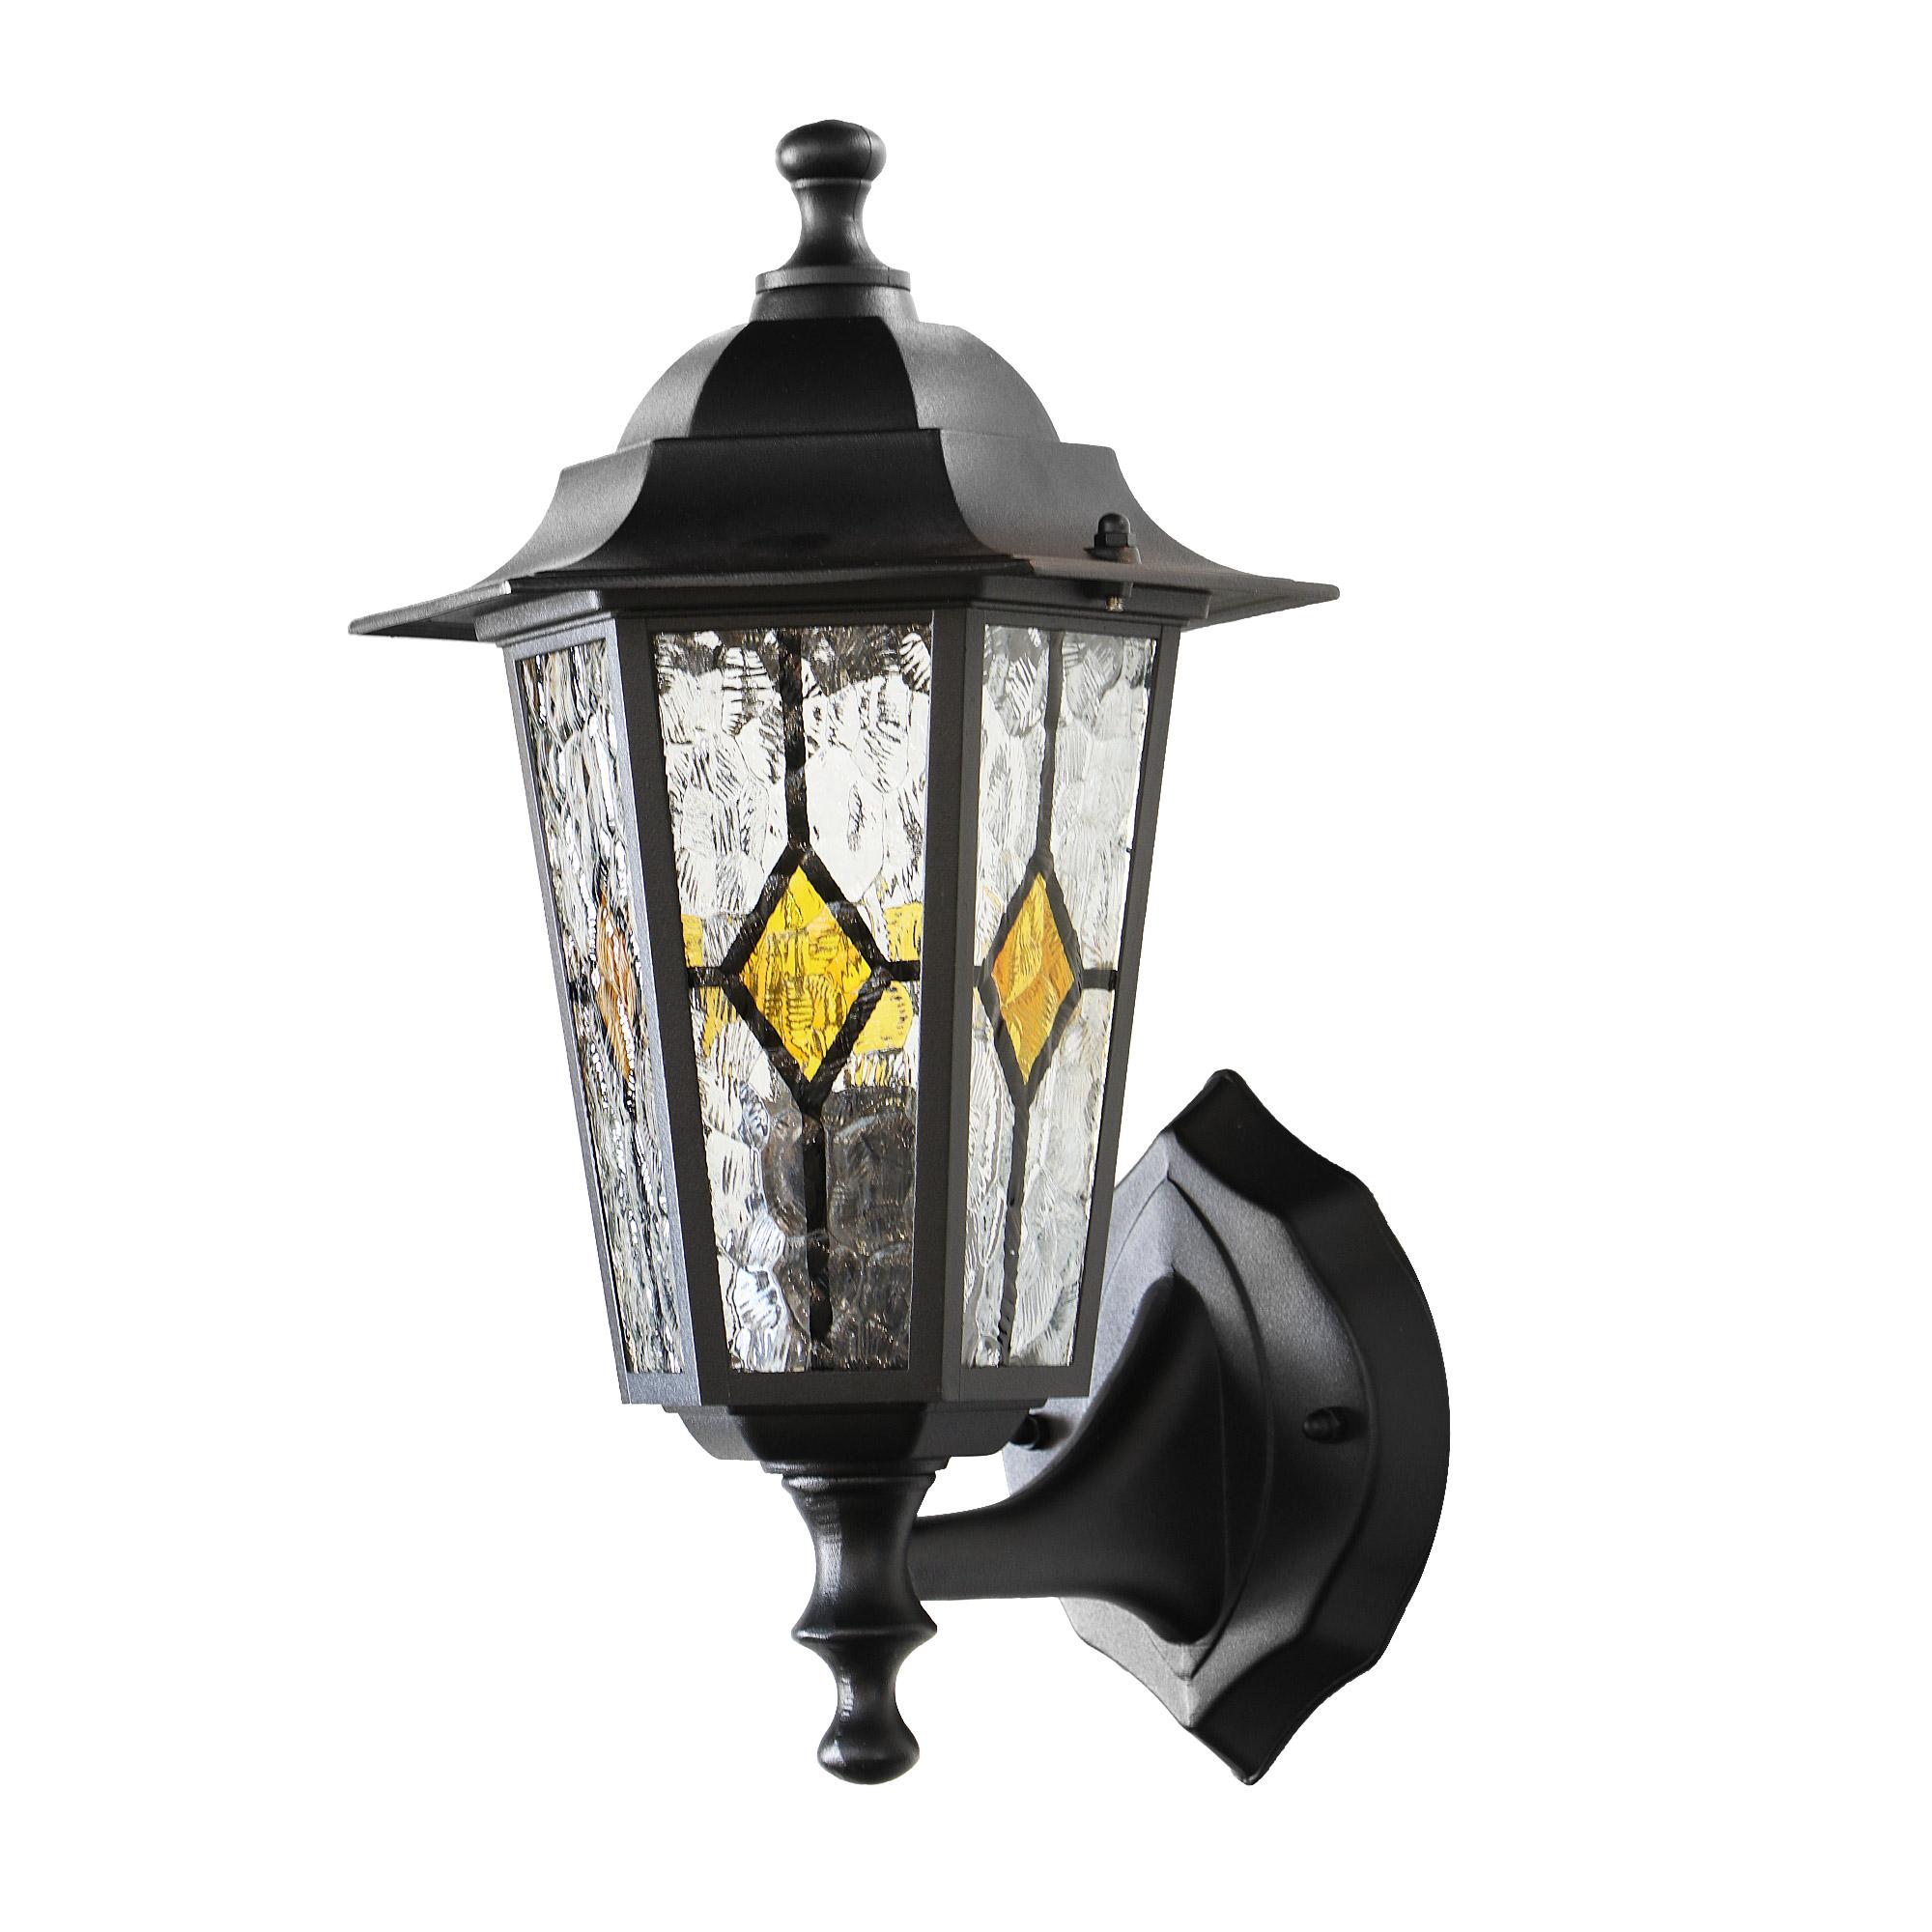 Светильник садовый настенный Amber lamp 8001SB светильник садовый настенный amber lamp 8001sb